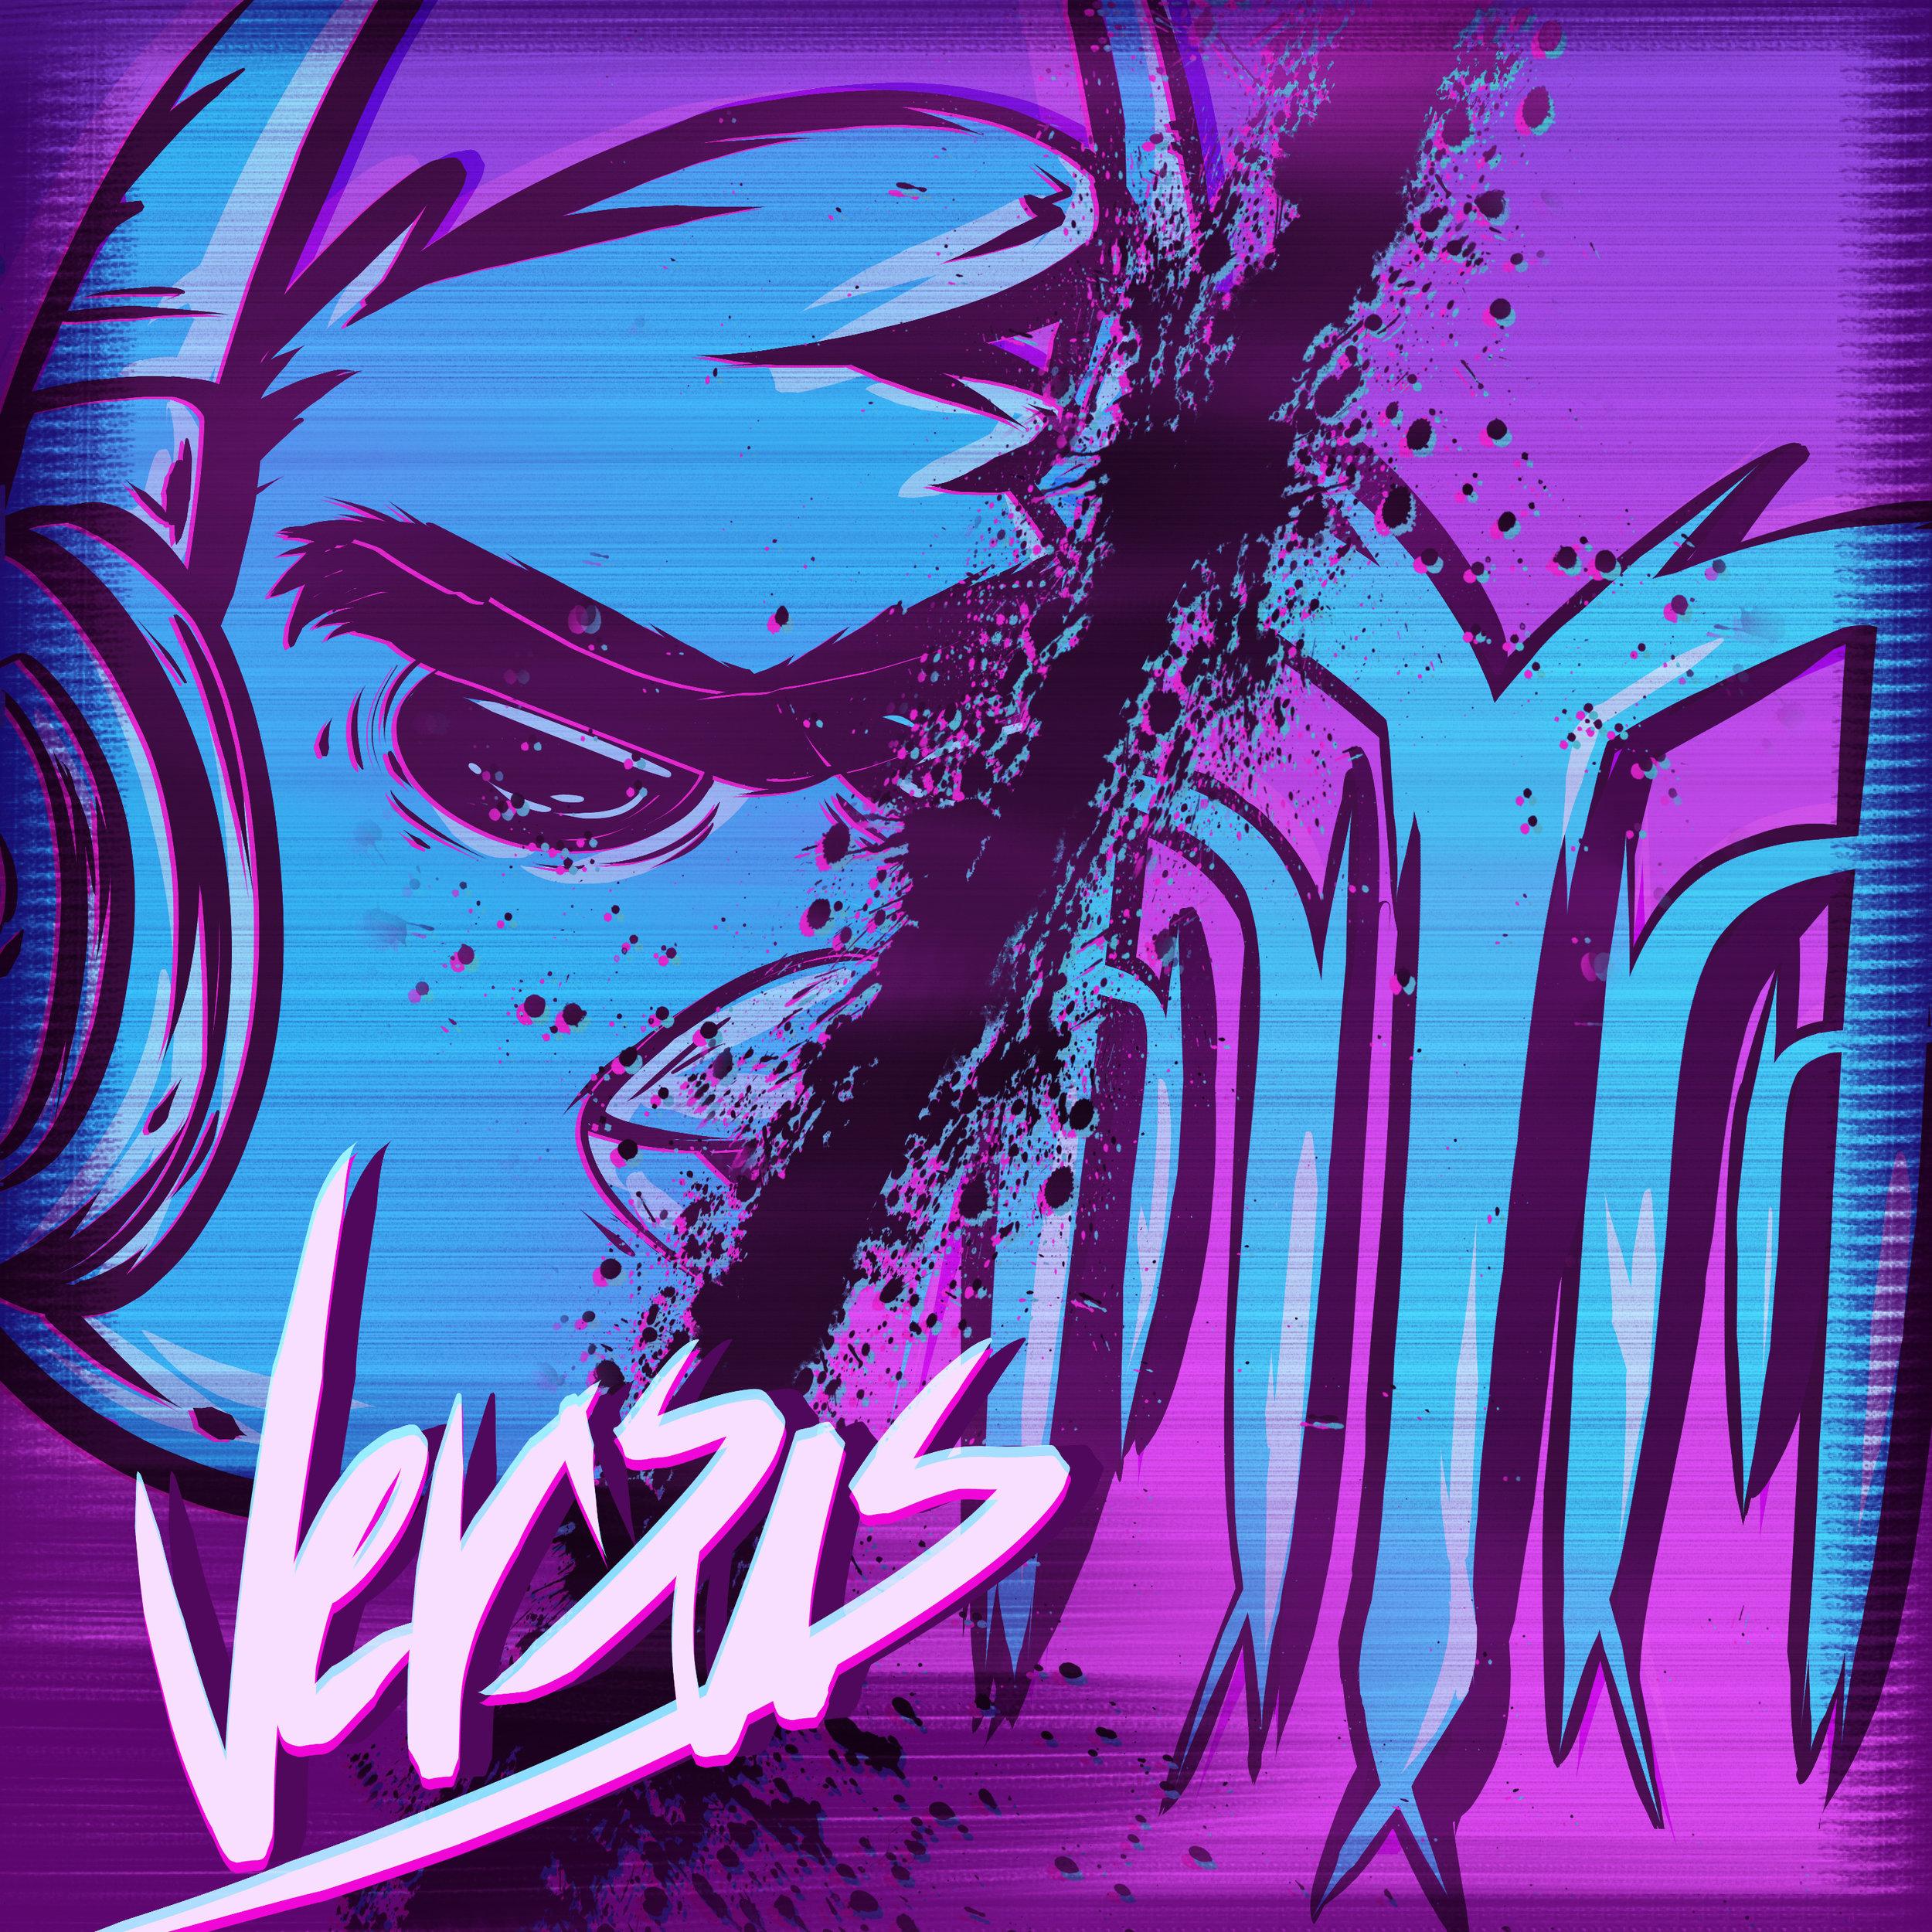 versus-album-cover.jpg